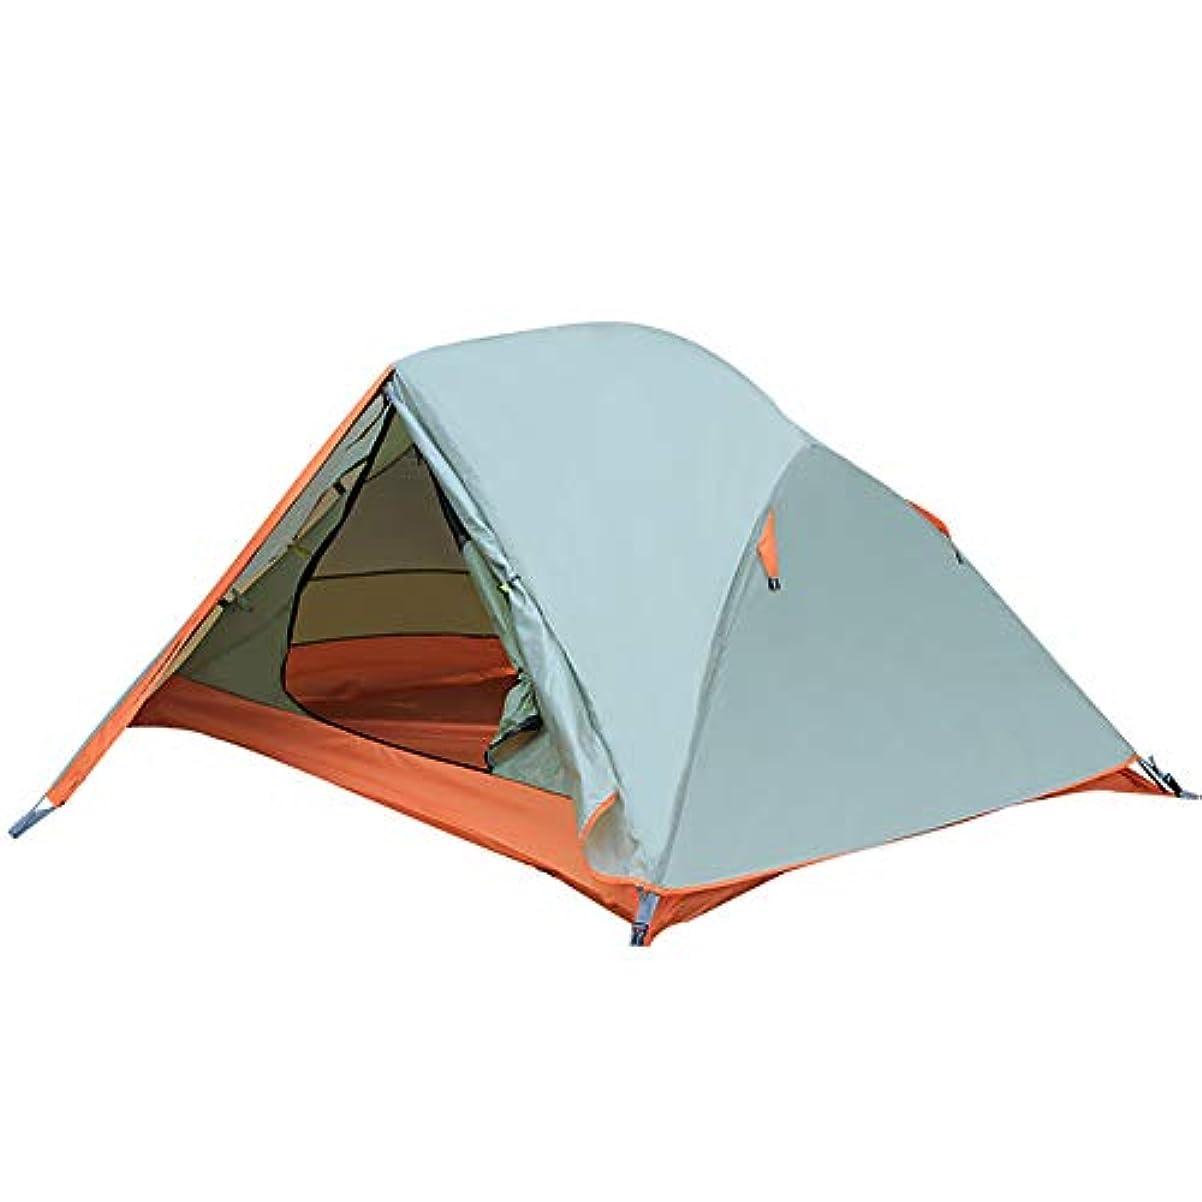 クレタ思いやりのあるアカウントテント屋外ダブルダブルアルミロッドテント野生防風防水防水キャンプキャンプ